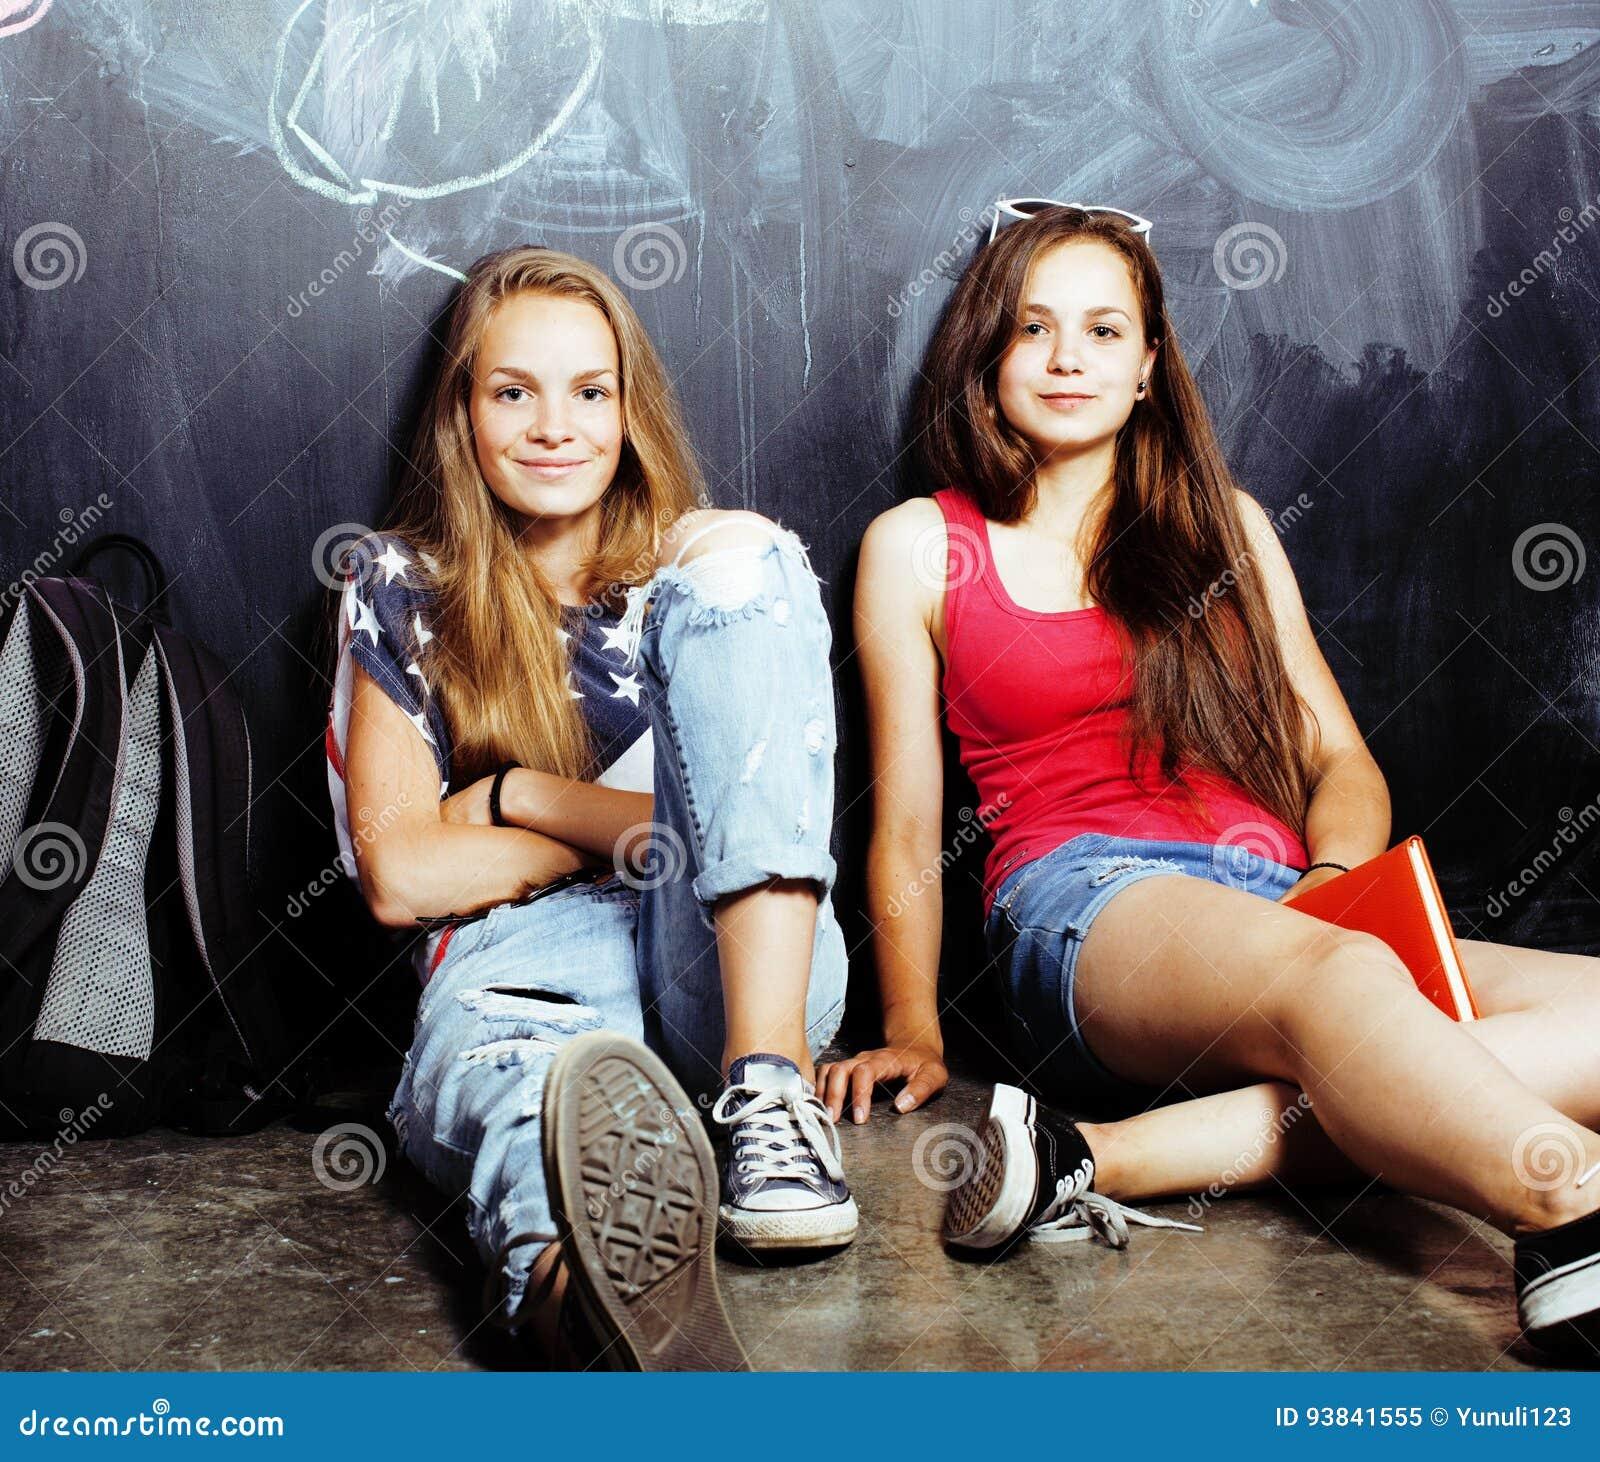 De volta à escola após férias de verão, duas meninas reais adolescentes na sala de aula com o quadro-negro pintado junto, estilo